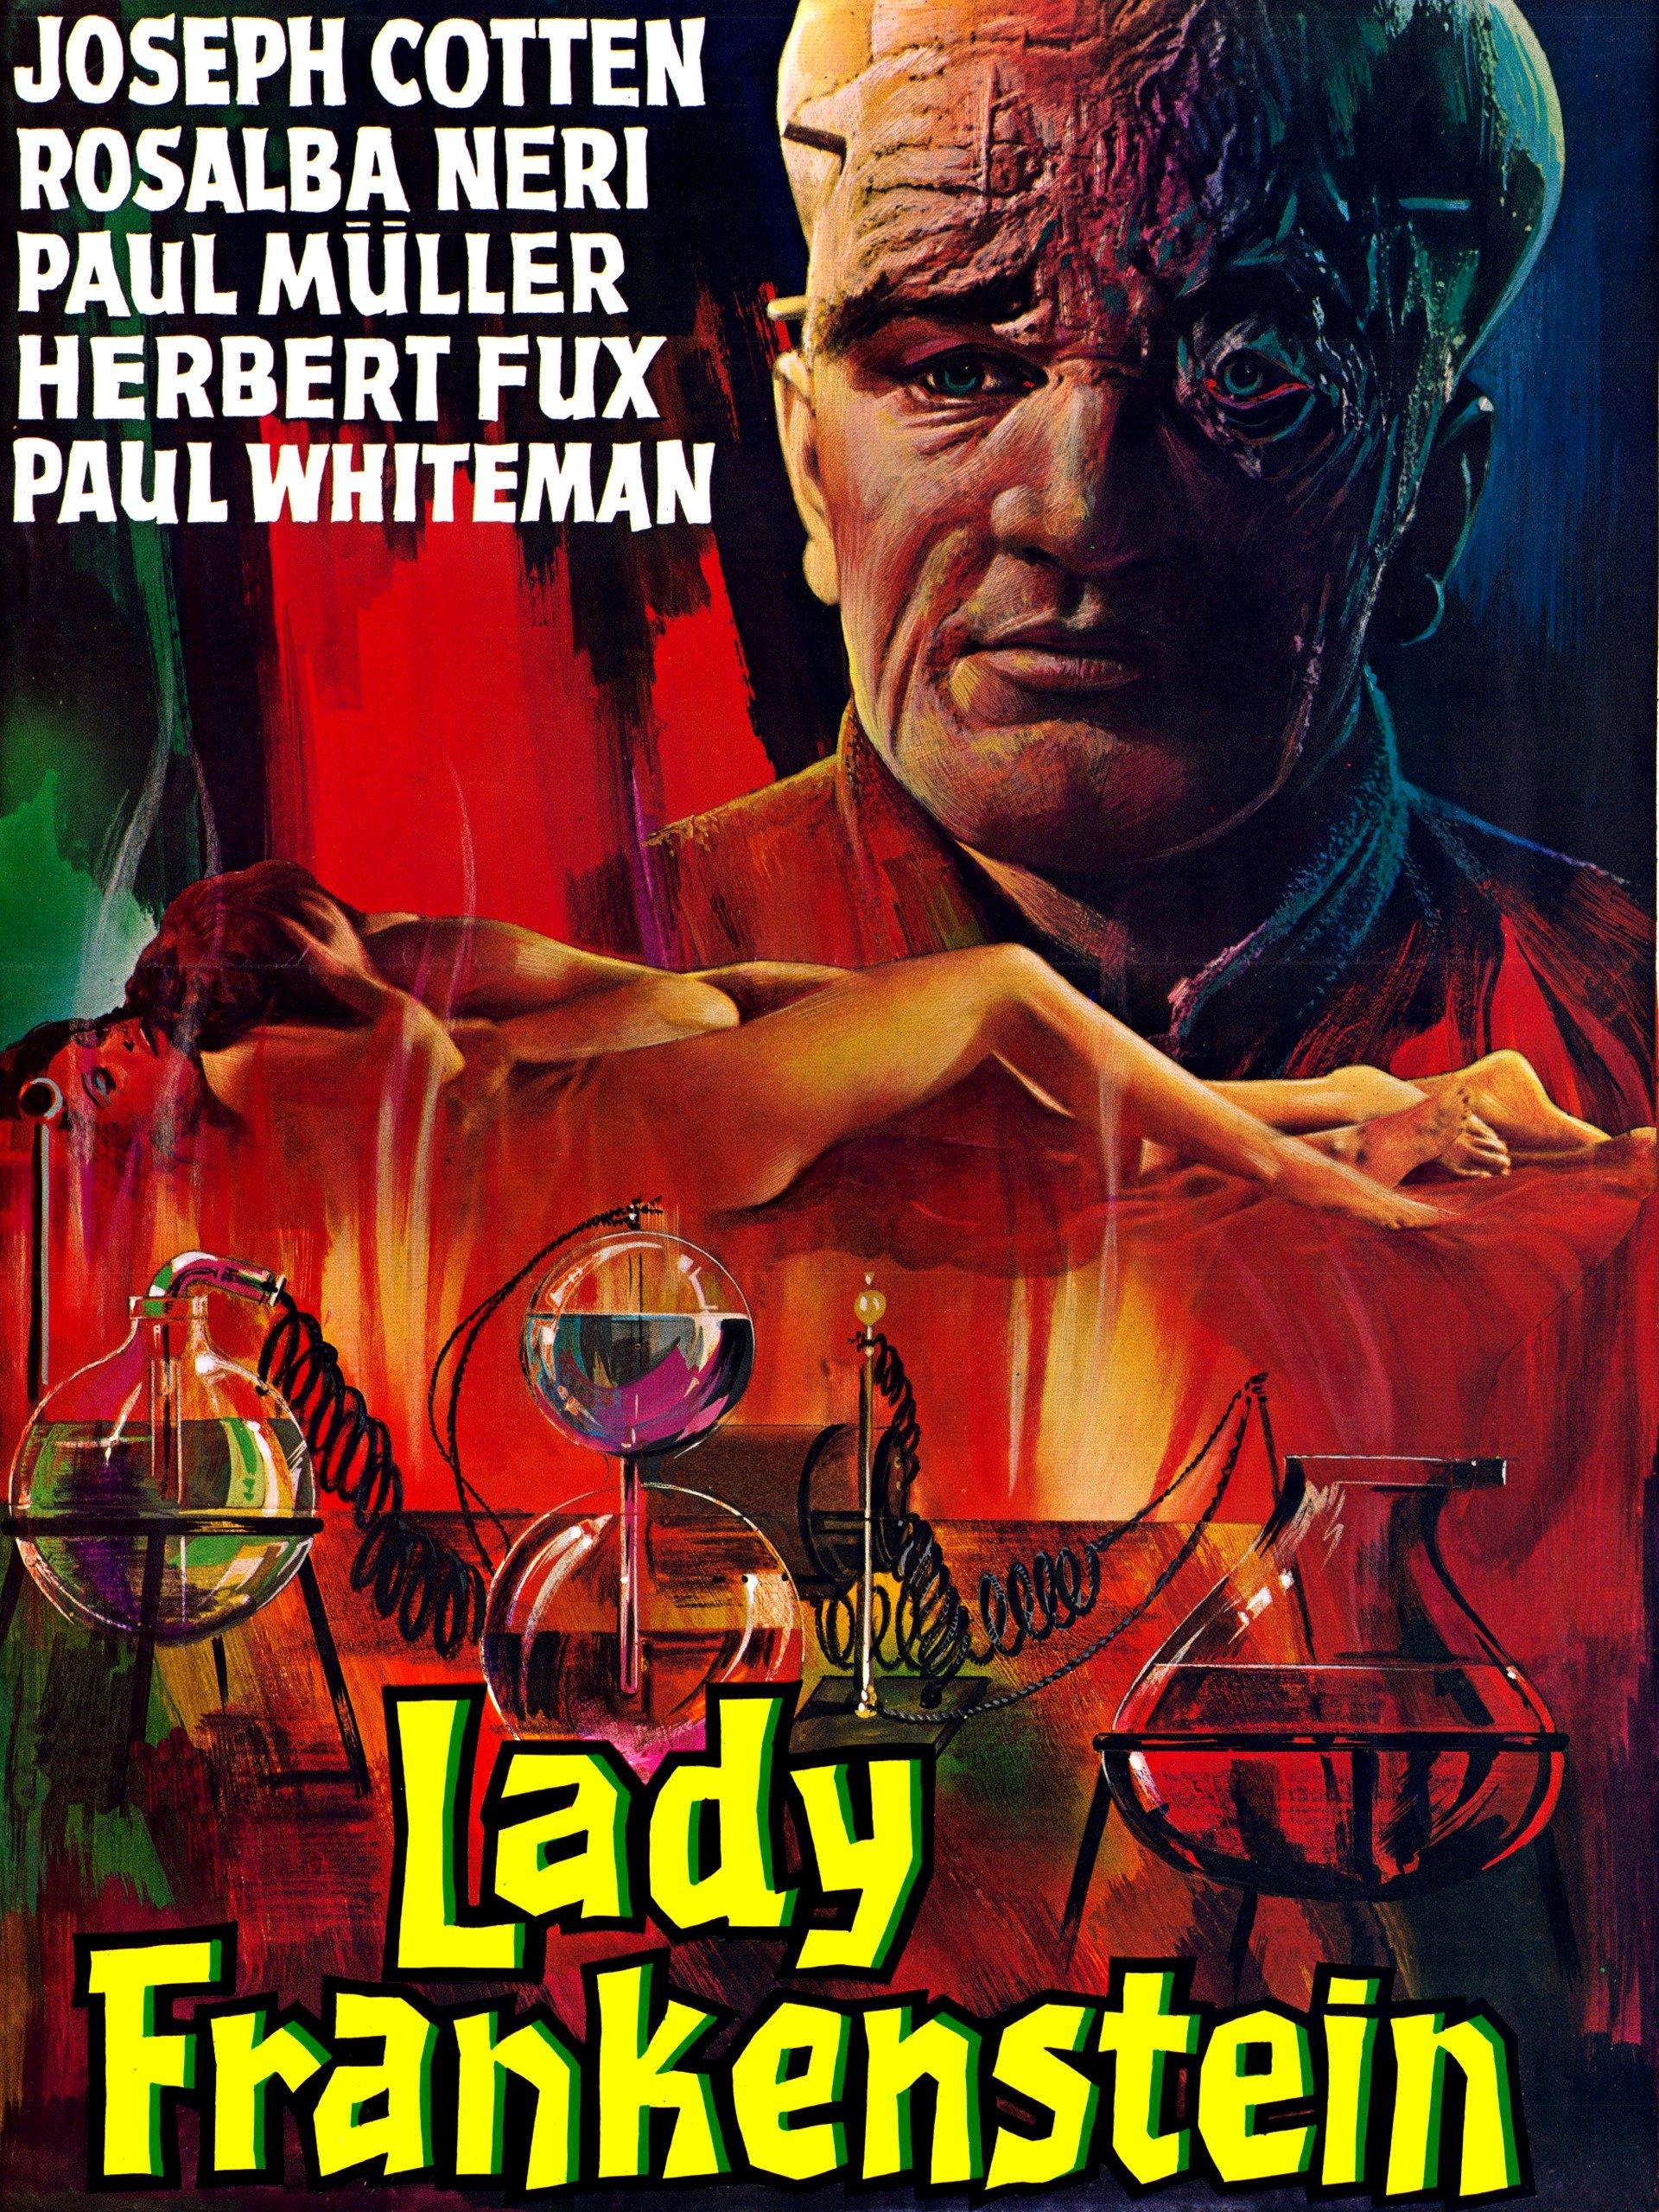 Watch Lady Frankenstein | Prime Video